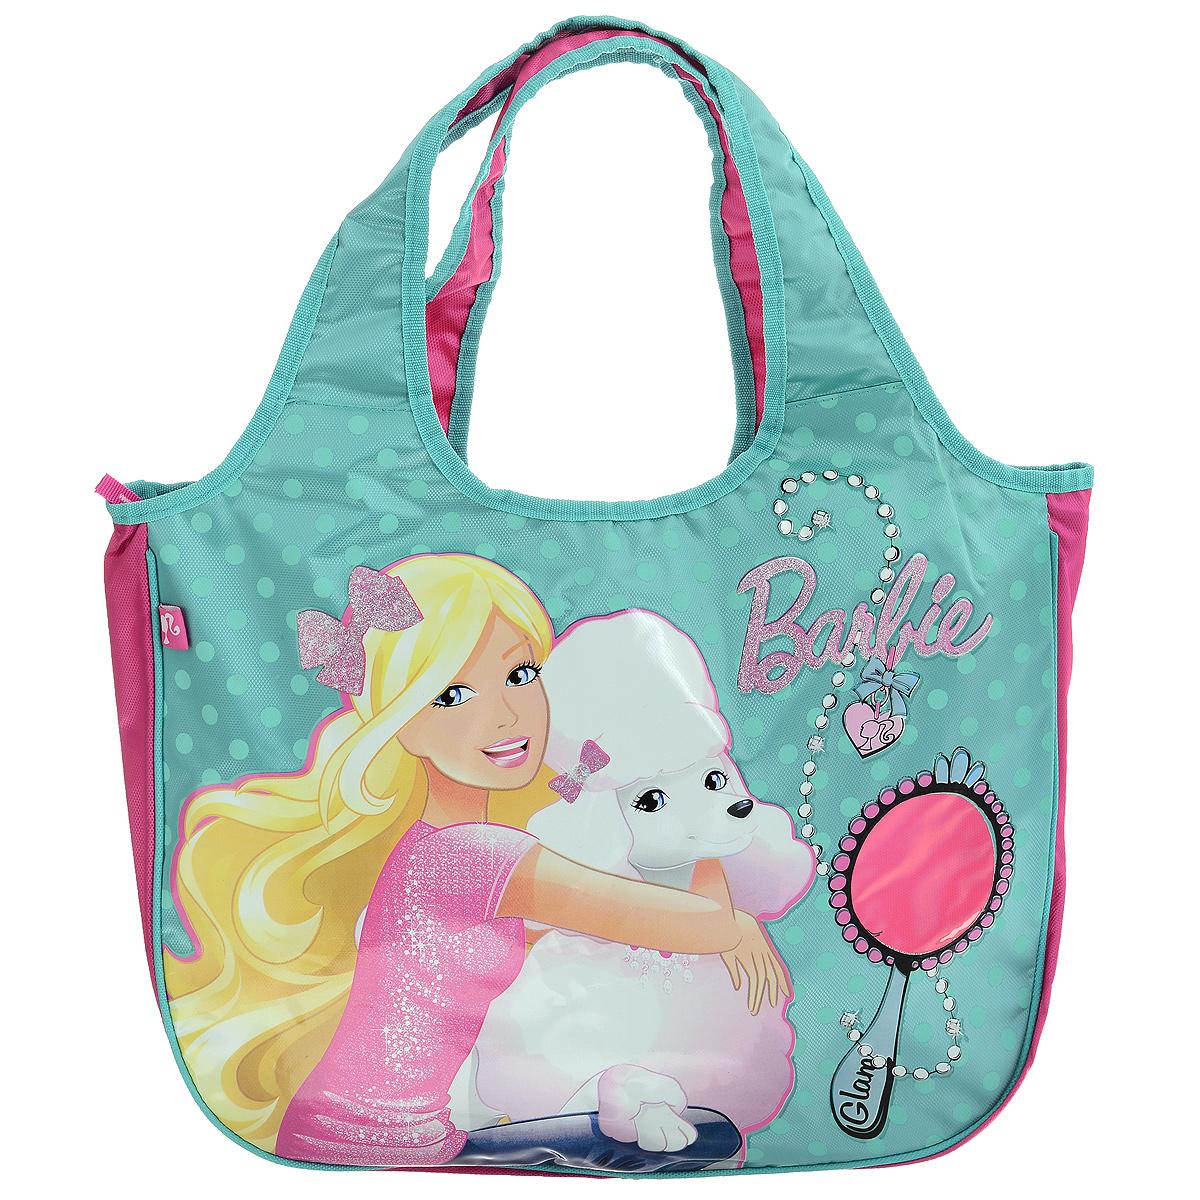 Сумка детская Barbie, цвет: бирюзовый, розовый. BRAS-UT-1445BRAS-UT-1445Сумка детская Barbie, выполненная из плотного, водоотталкивающего полиэстера, оформлена изображением известной игрушки - куклы Барби с ее собачкой. Сумочка имеет одно большое вместительное отделение, закрывающееся на застежку-молнию, куда можно положить все необходимые принадлежности и аксессуары. На лицевой стороне сумки имеется небольшая прозрачная вставка в виде зеркала куклы. Внутри отделения расположен карман-кошелек на молнии. Сумочка оснащена двумя ручками для переноски, которые выполнены цельными с основой. Сумка Barbie - идеальный вариант аксессуара на время прогулки или путешествия.